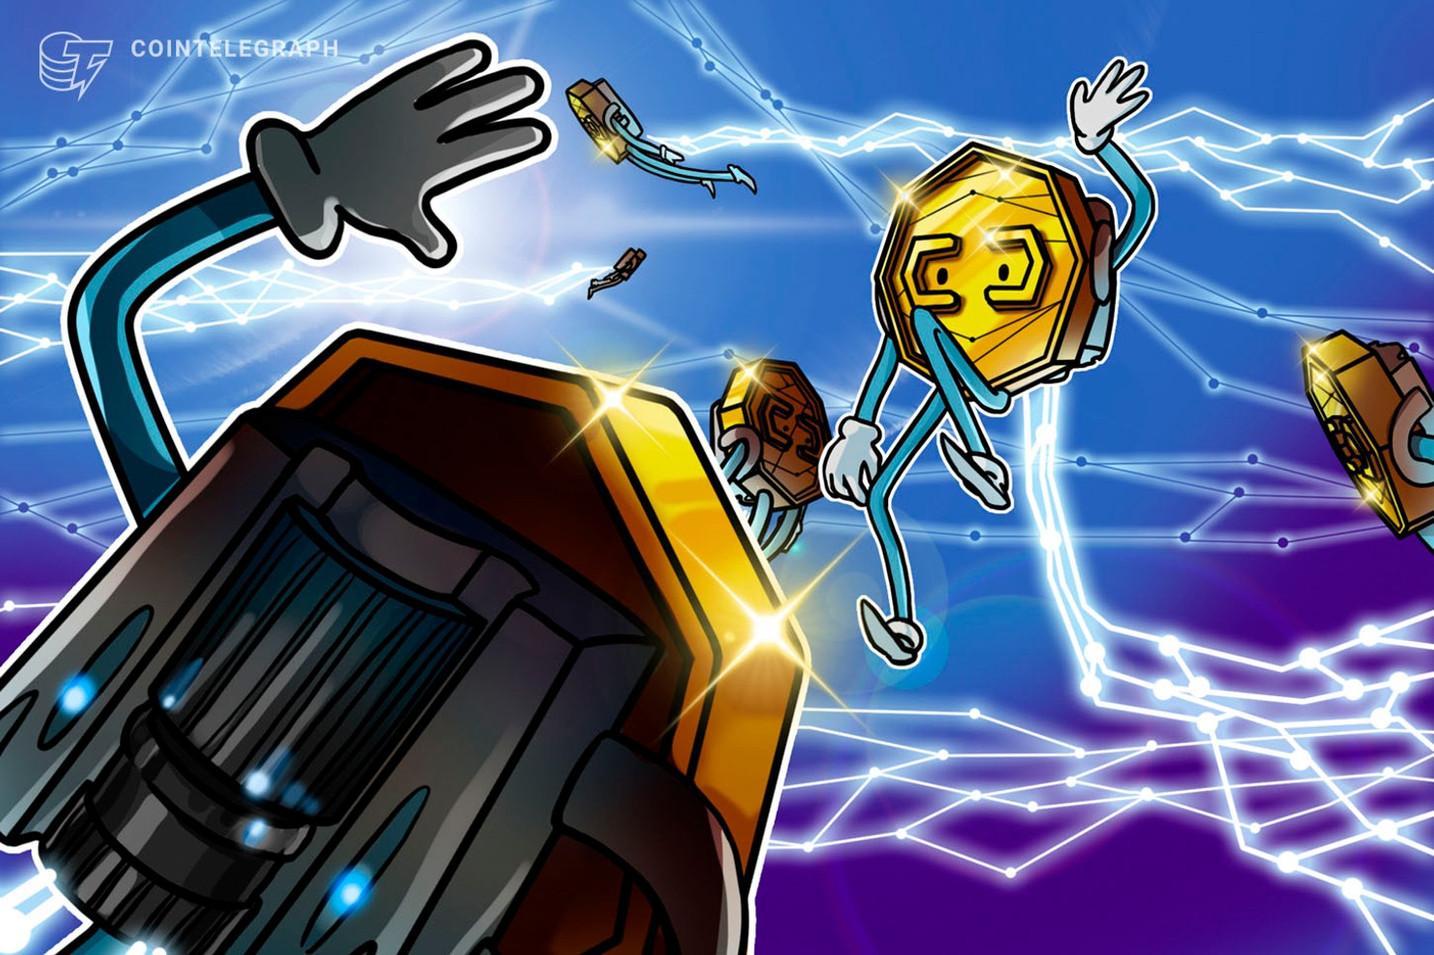 仮想通貨相場、主要アルトコインが主導 SEC罰金でもEOSが高騰 |ビットコインは8500ドル回復間近